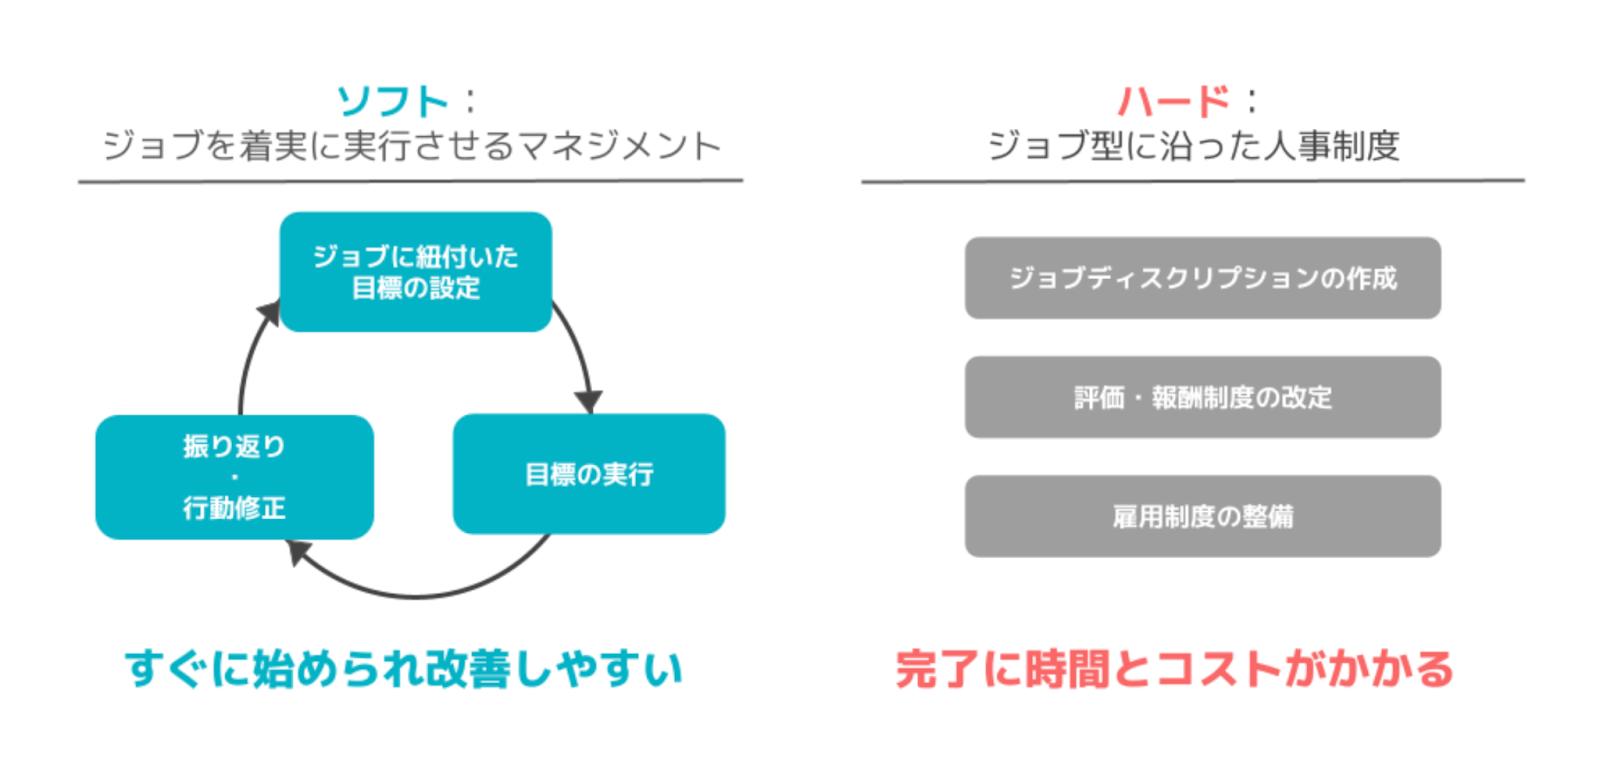 ジョブ型におけるソフトとハード